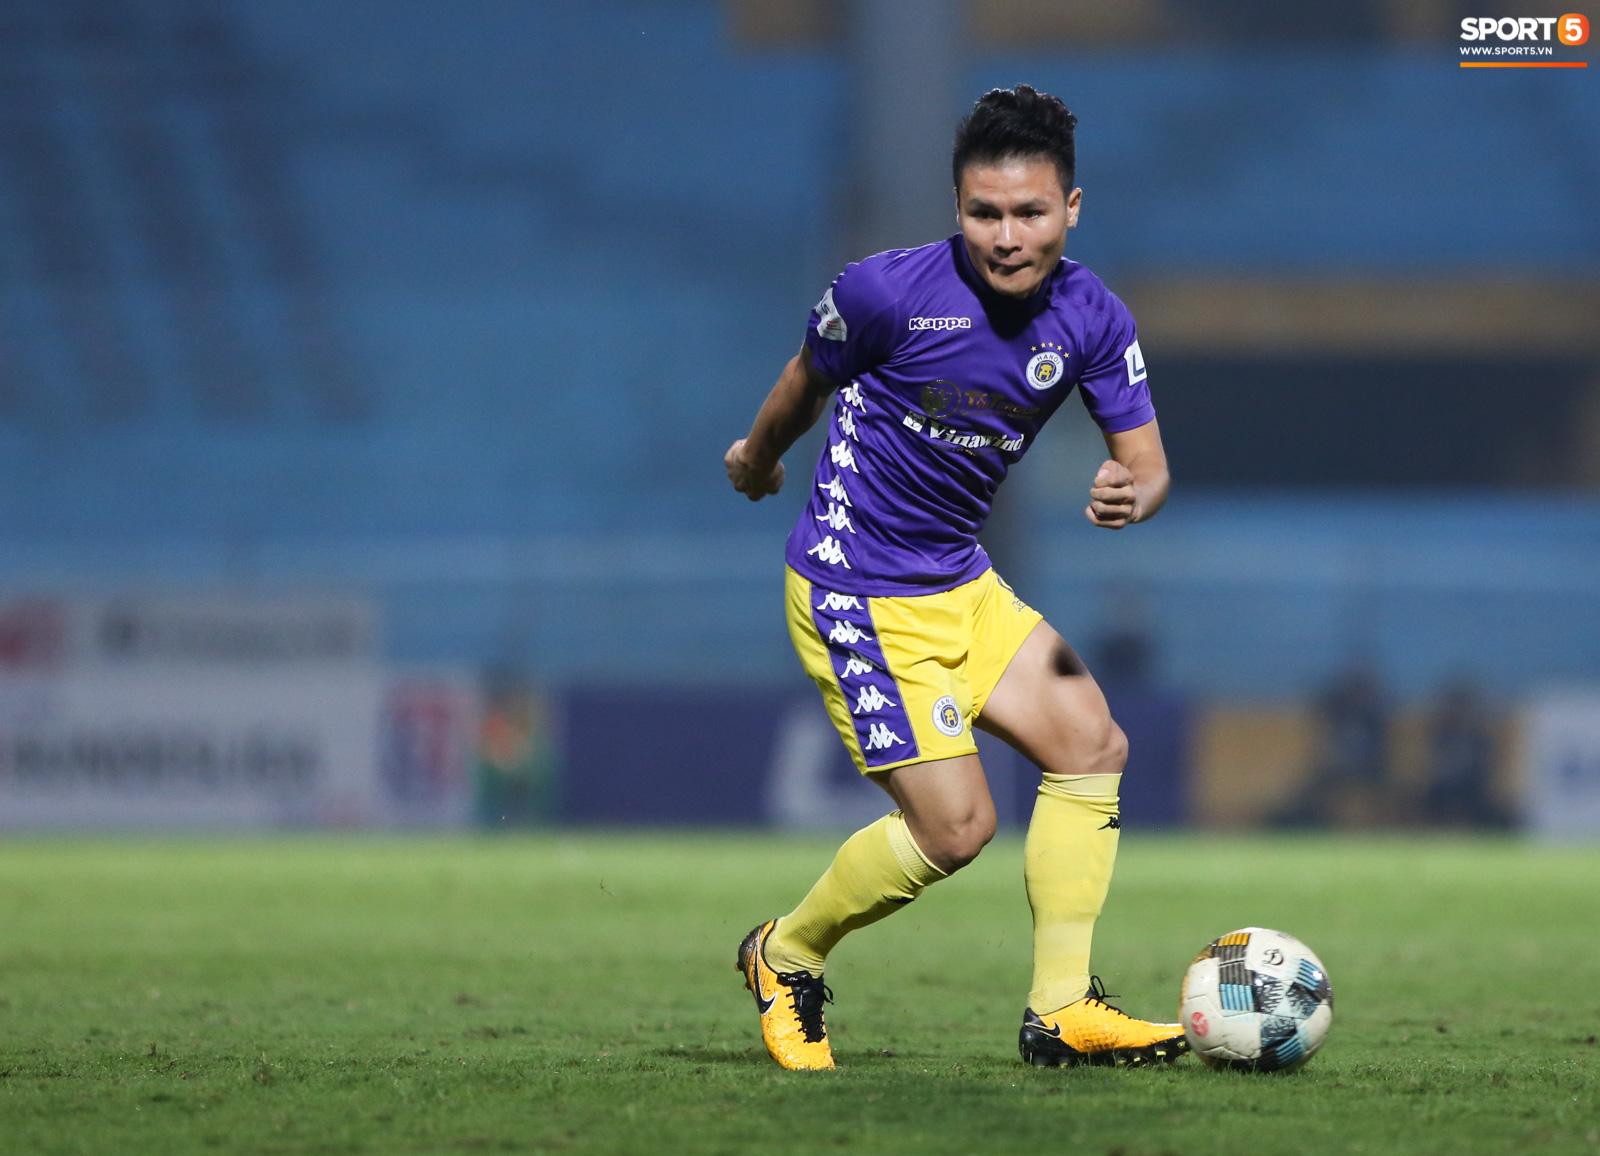 Bỏ mặc lùm xùm với Huỳnh Anh, Quang Hải được khen ghi bàn khiến đối phương vỡ trận - Ảnh 1.